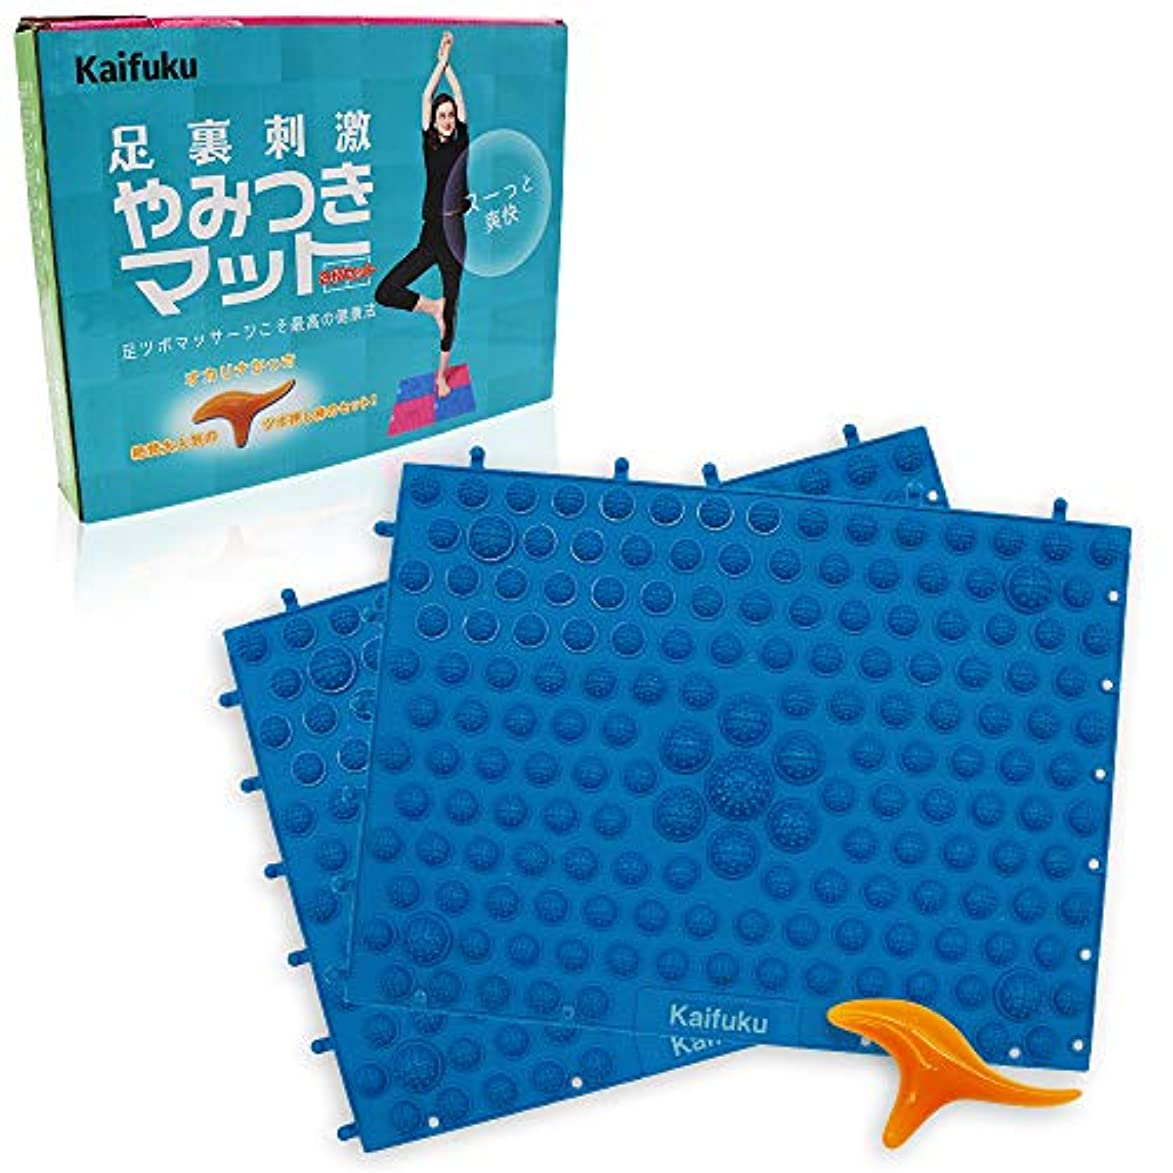 治療上に築きます青写真kaifuku 足つぼマット 足つぼ 足裏マッサージ 足つぼマッサージ ツボ押し棒 2枚セット (青)